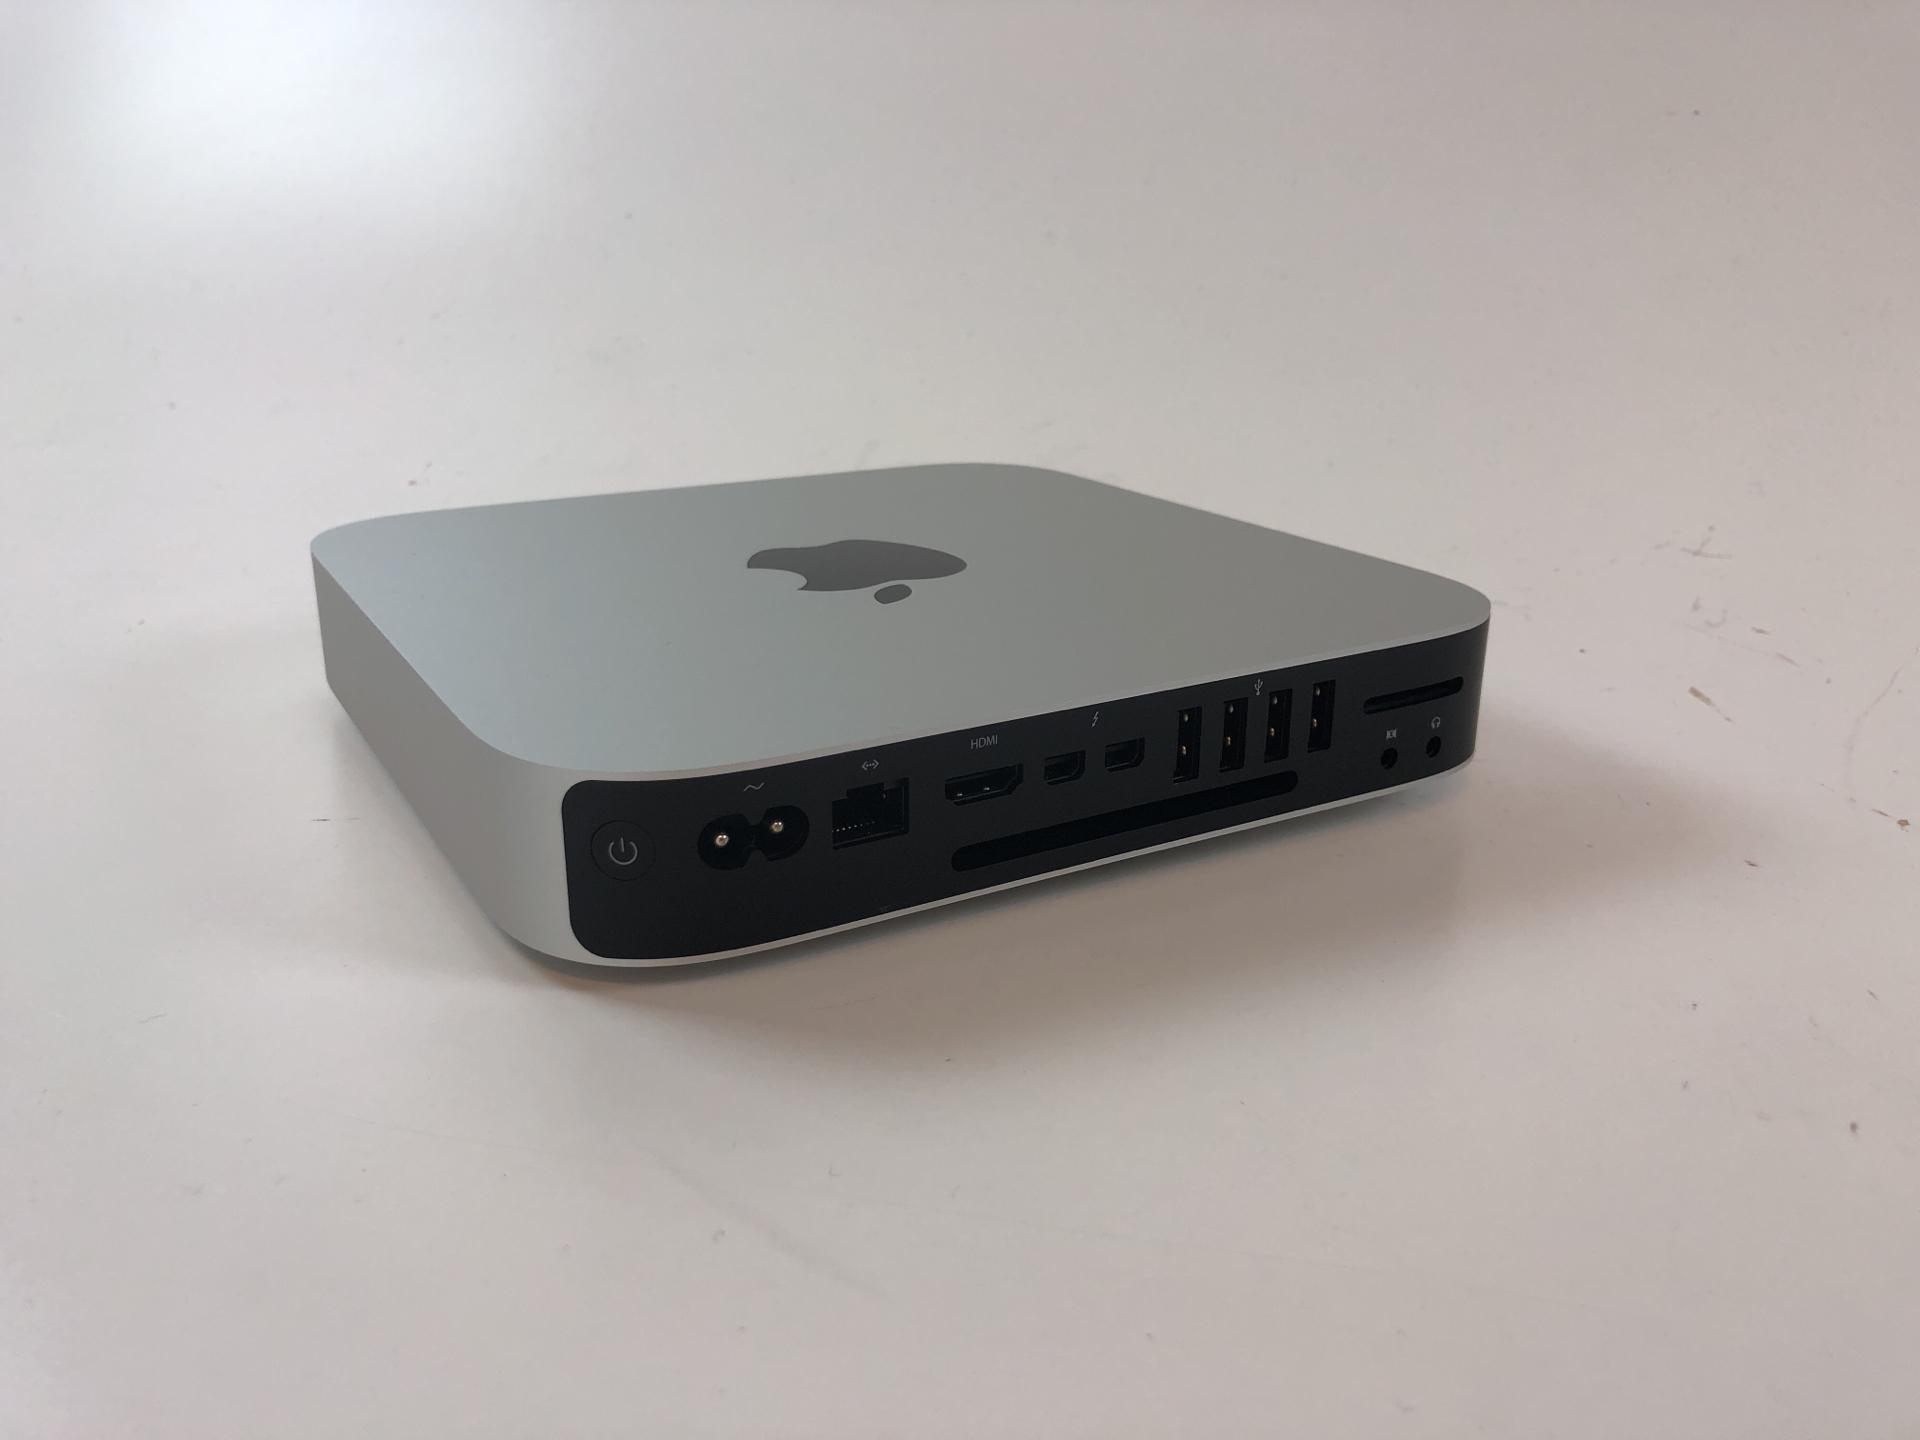 Mac Mini Late 2014 (Intel Core i7 3.0 GHz 16 GB RAM 512 GB SSD), Intel Core i7 3.0 GHz, 16 GB RAM, 512 GB SSD, Kuva 2